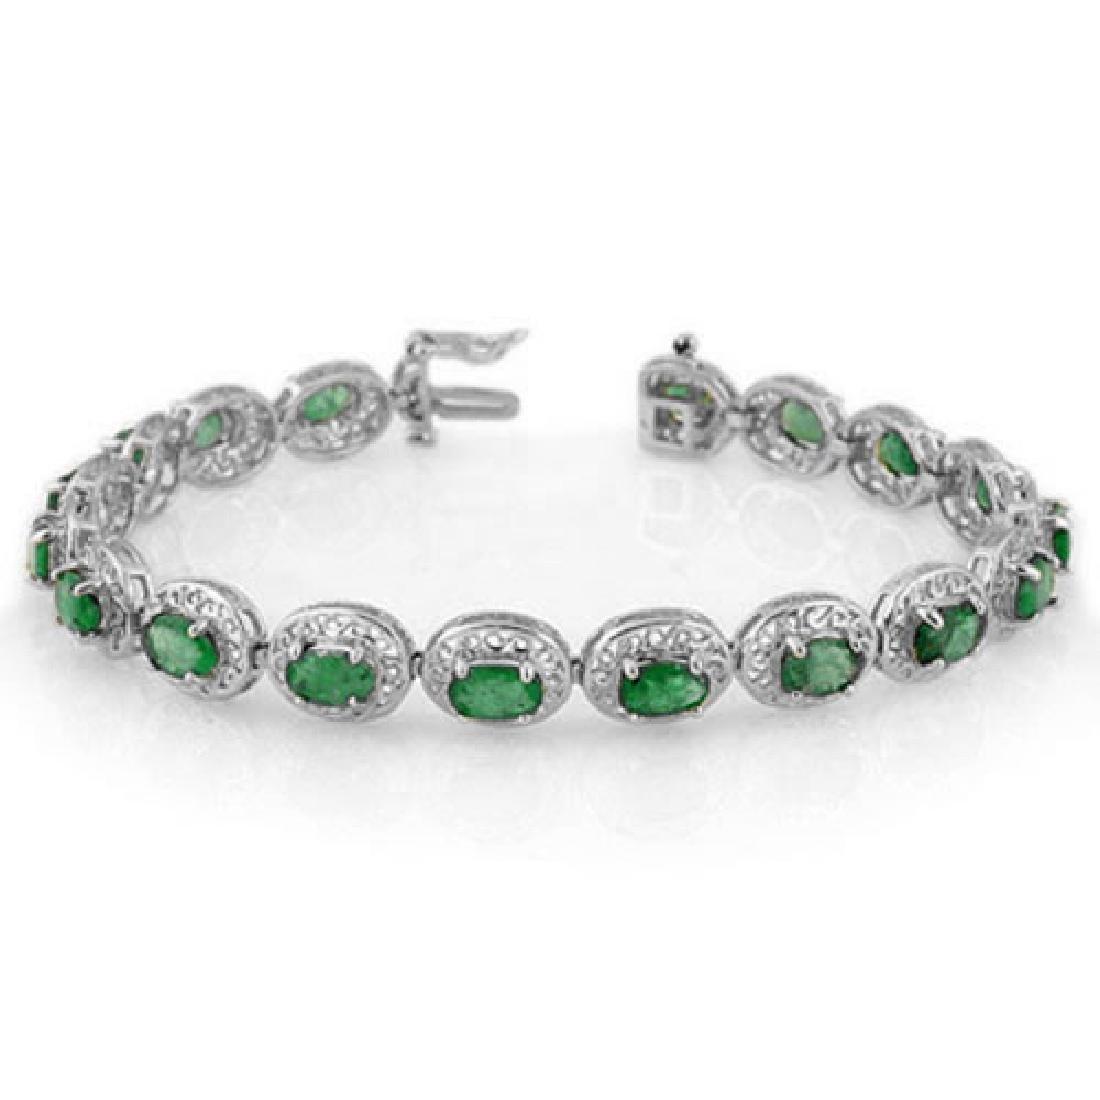 10.0 CTW Emerald Bracelet 18K White Gold